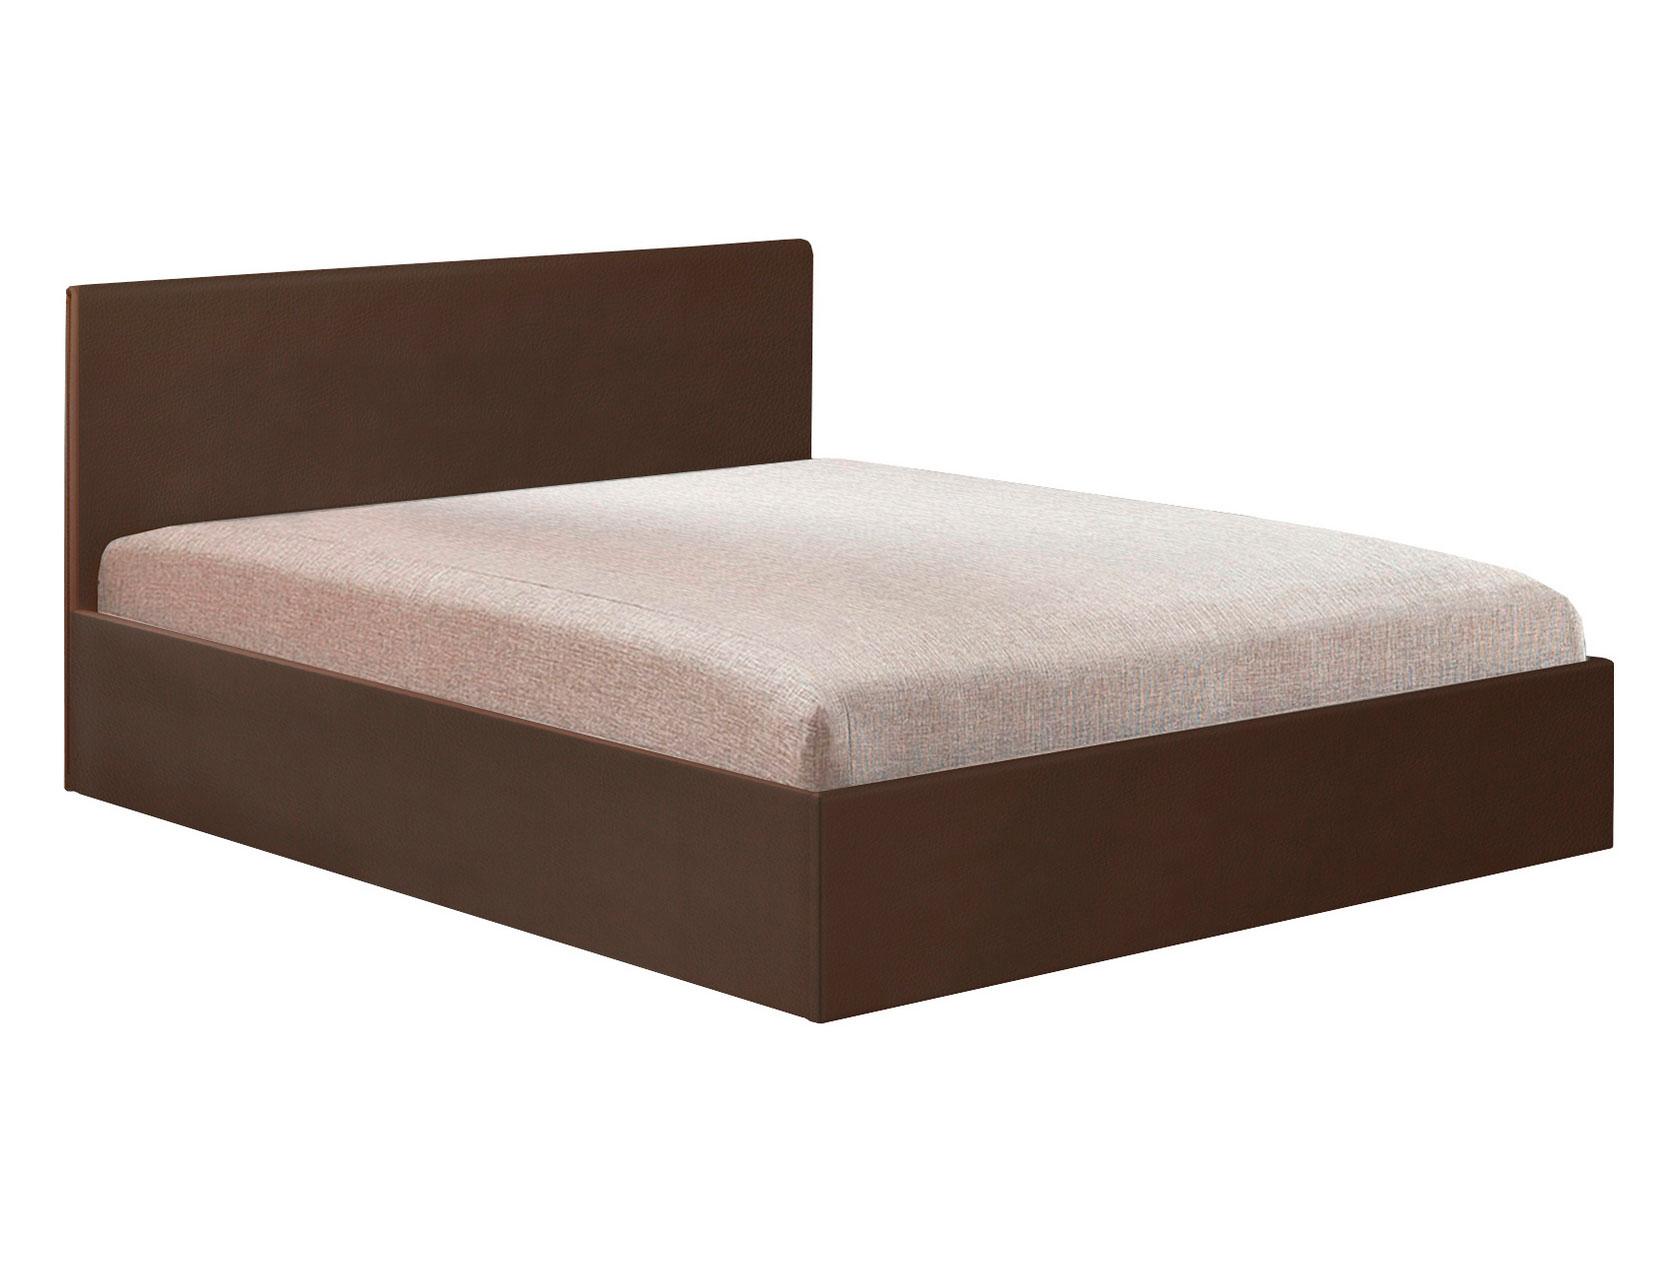 Двуспальная кровать СОФТ Boom Espresso иск.кожа/Ambrossia, 1500х2000